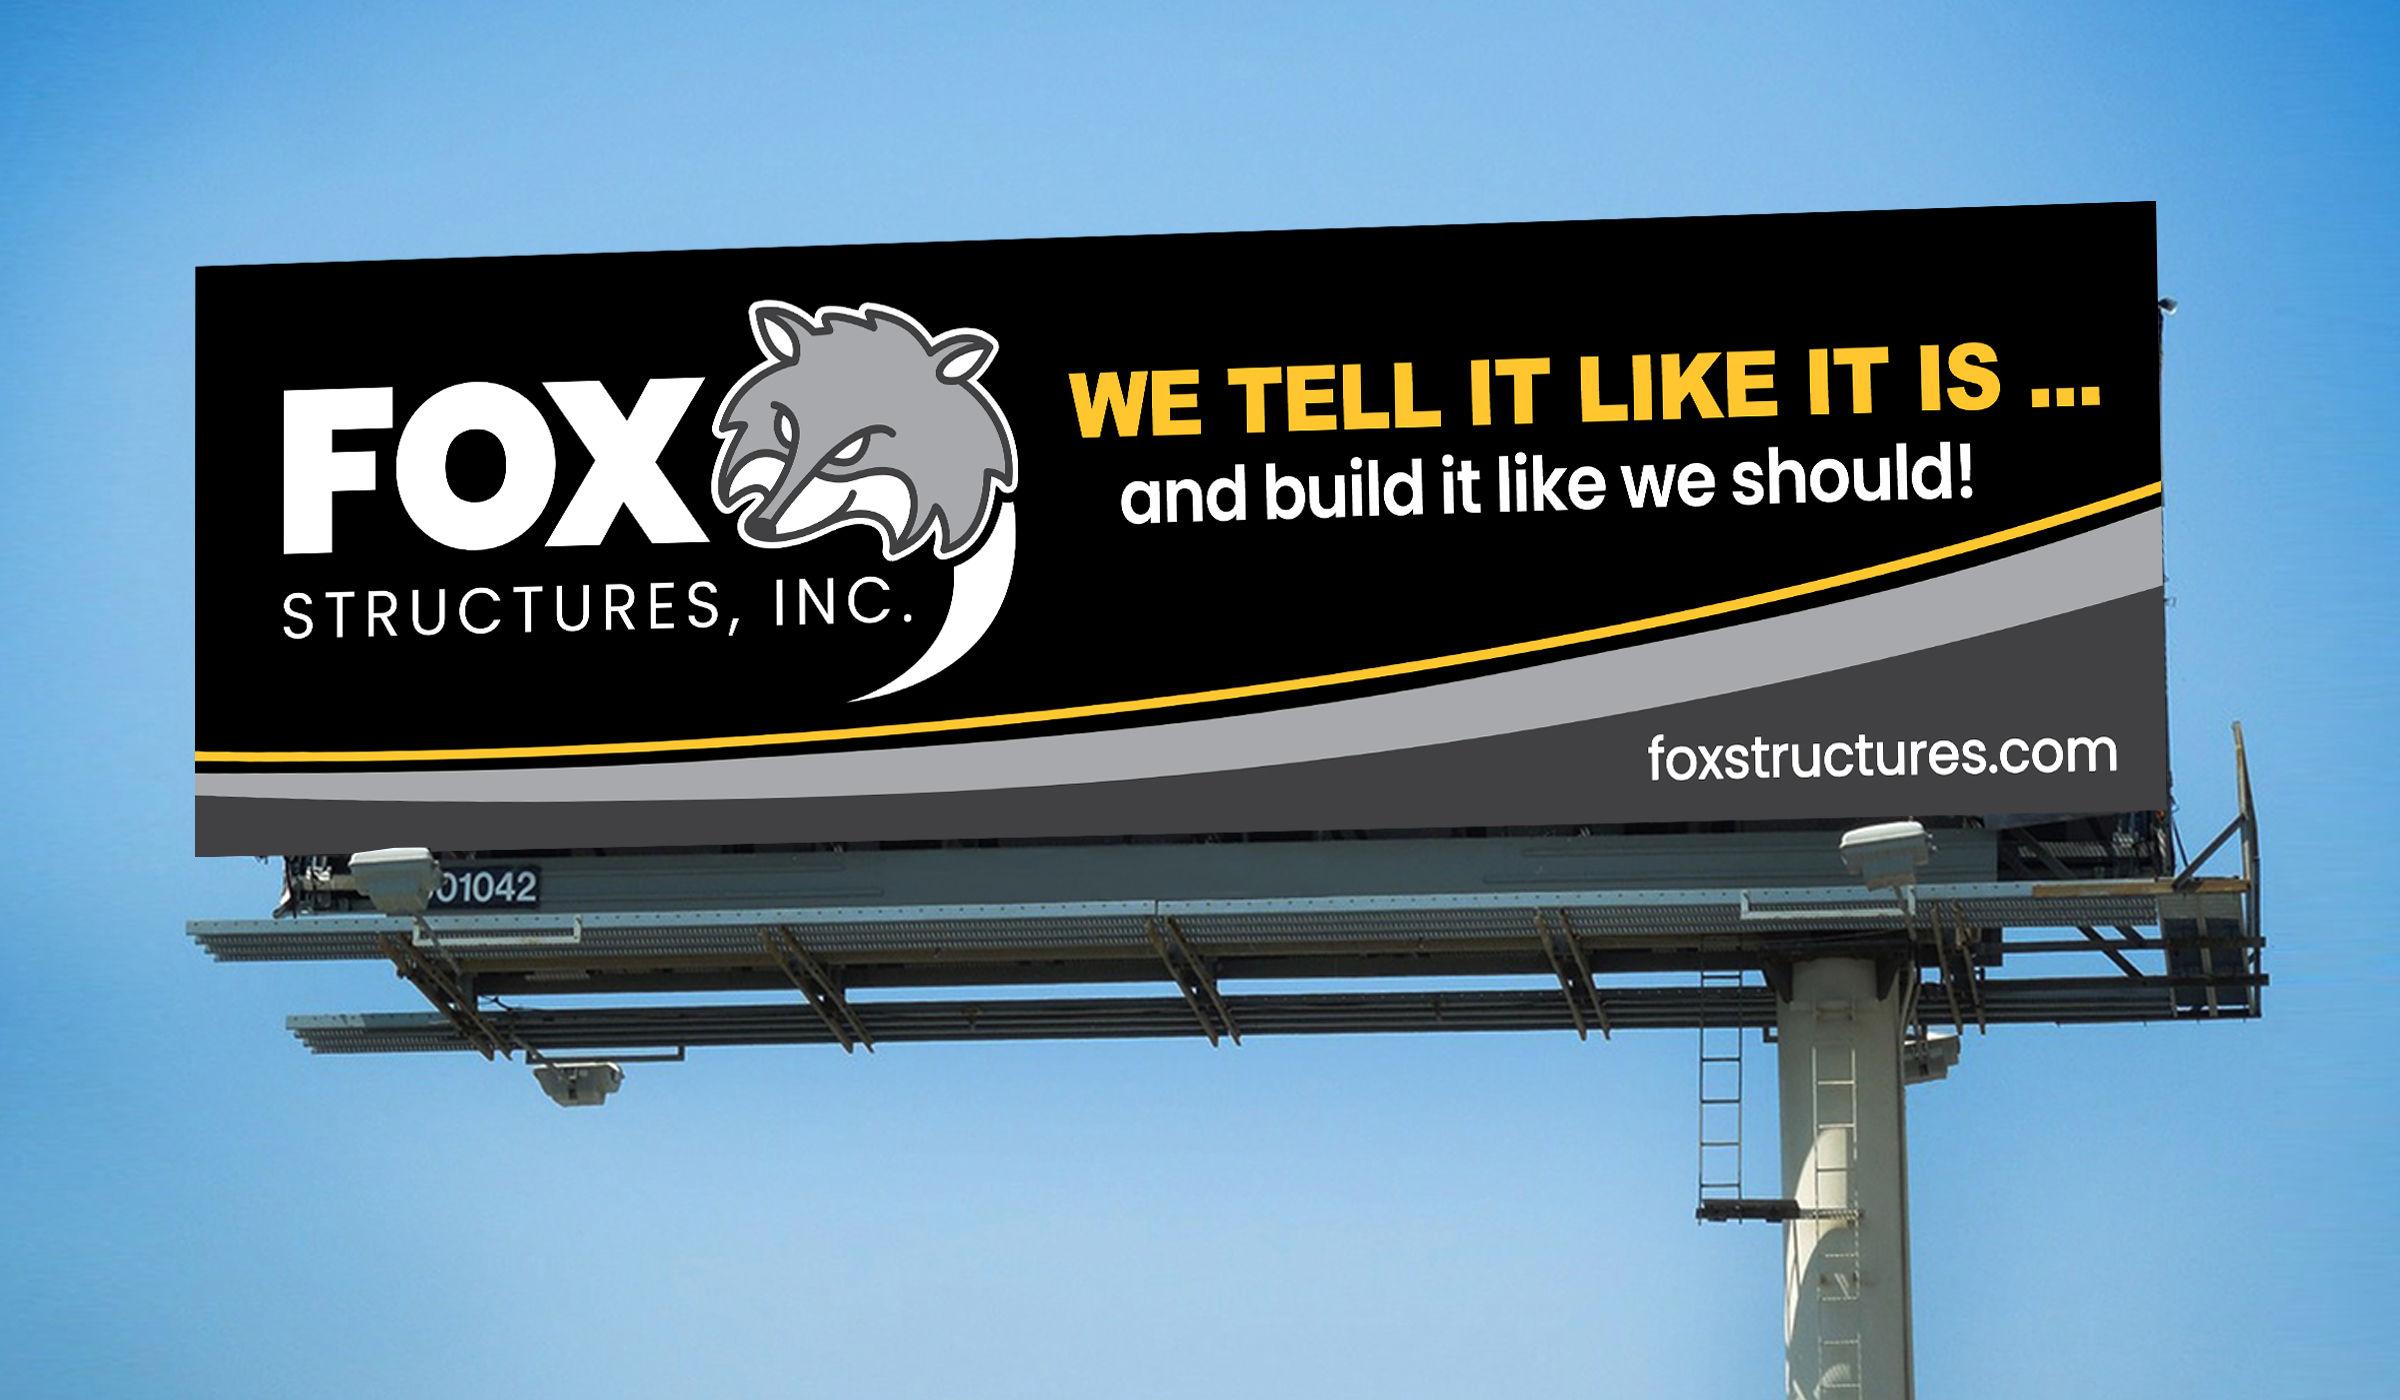 Fox Structures Branding